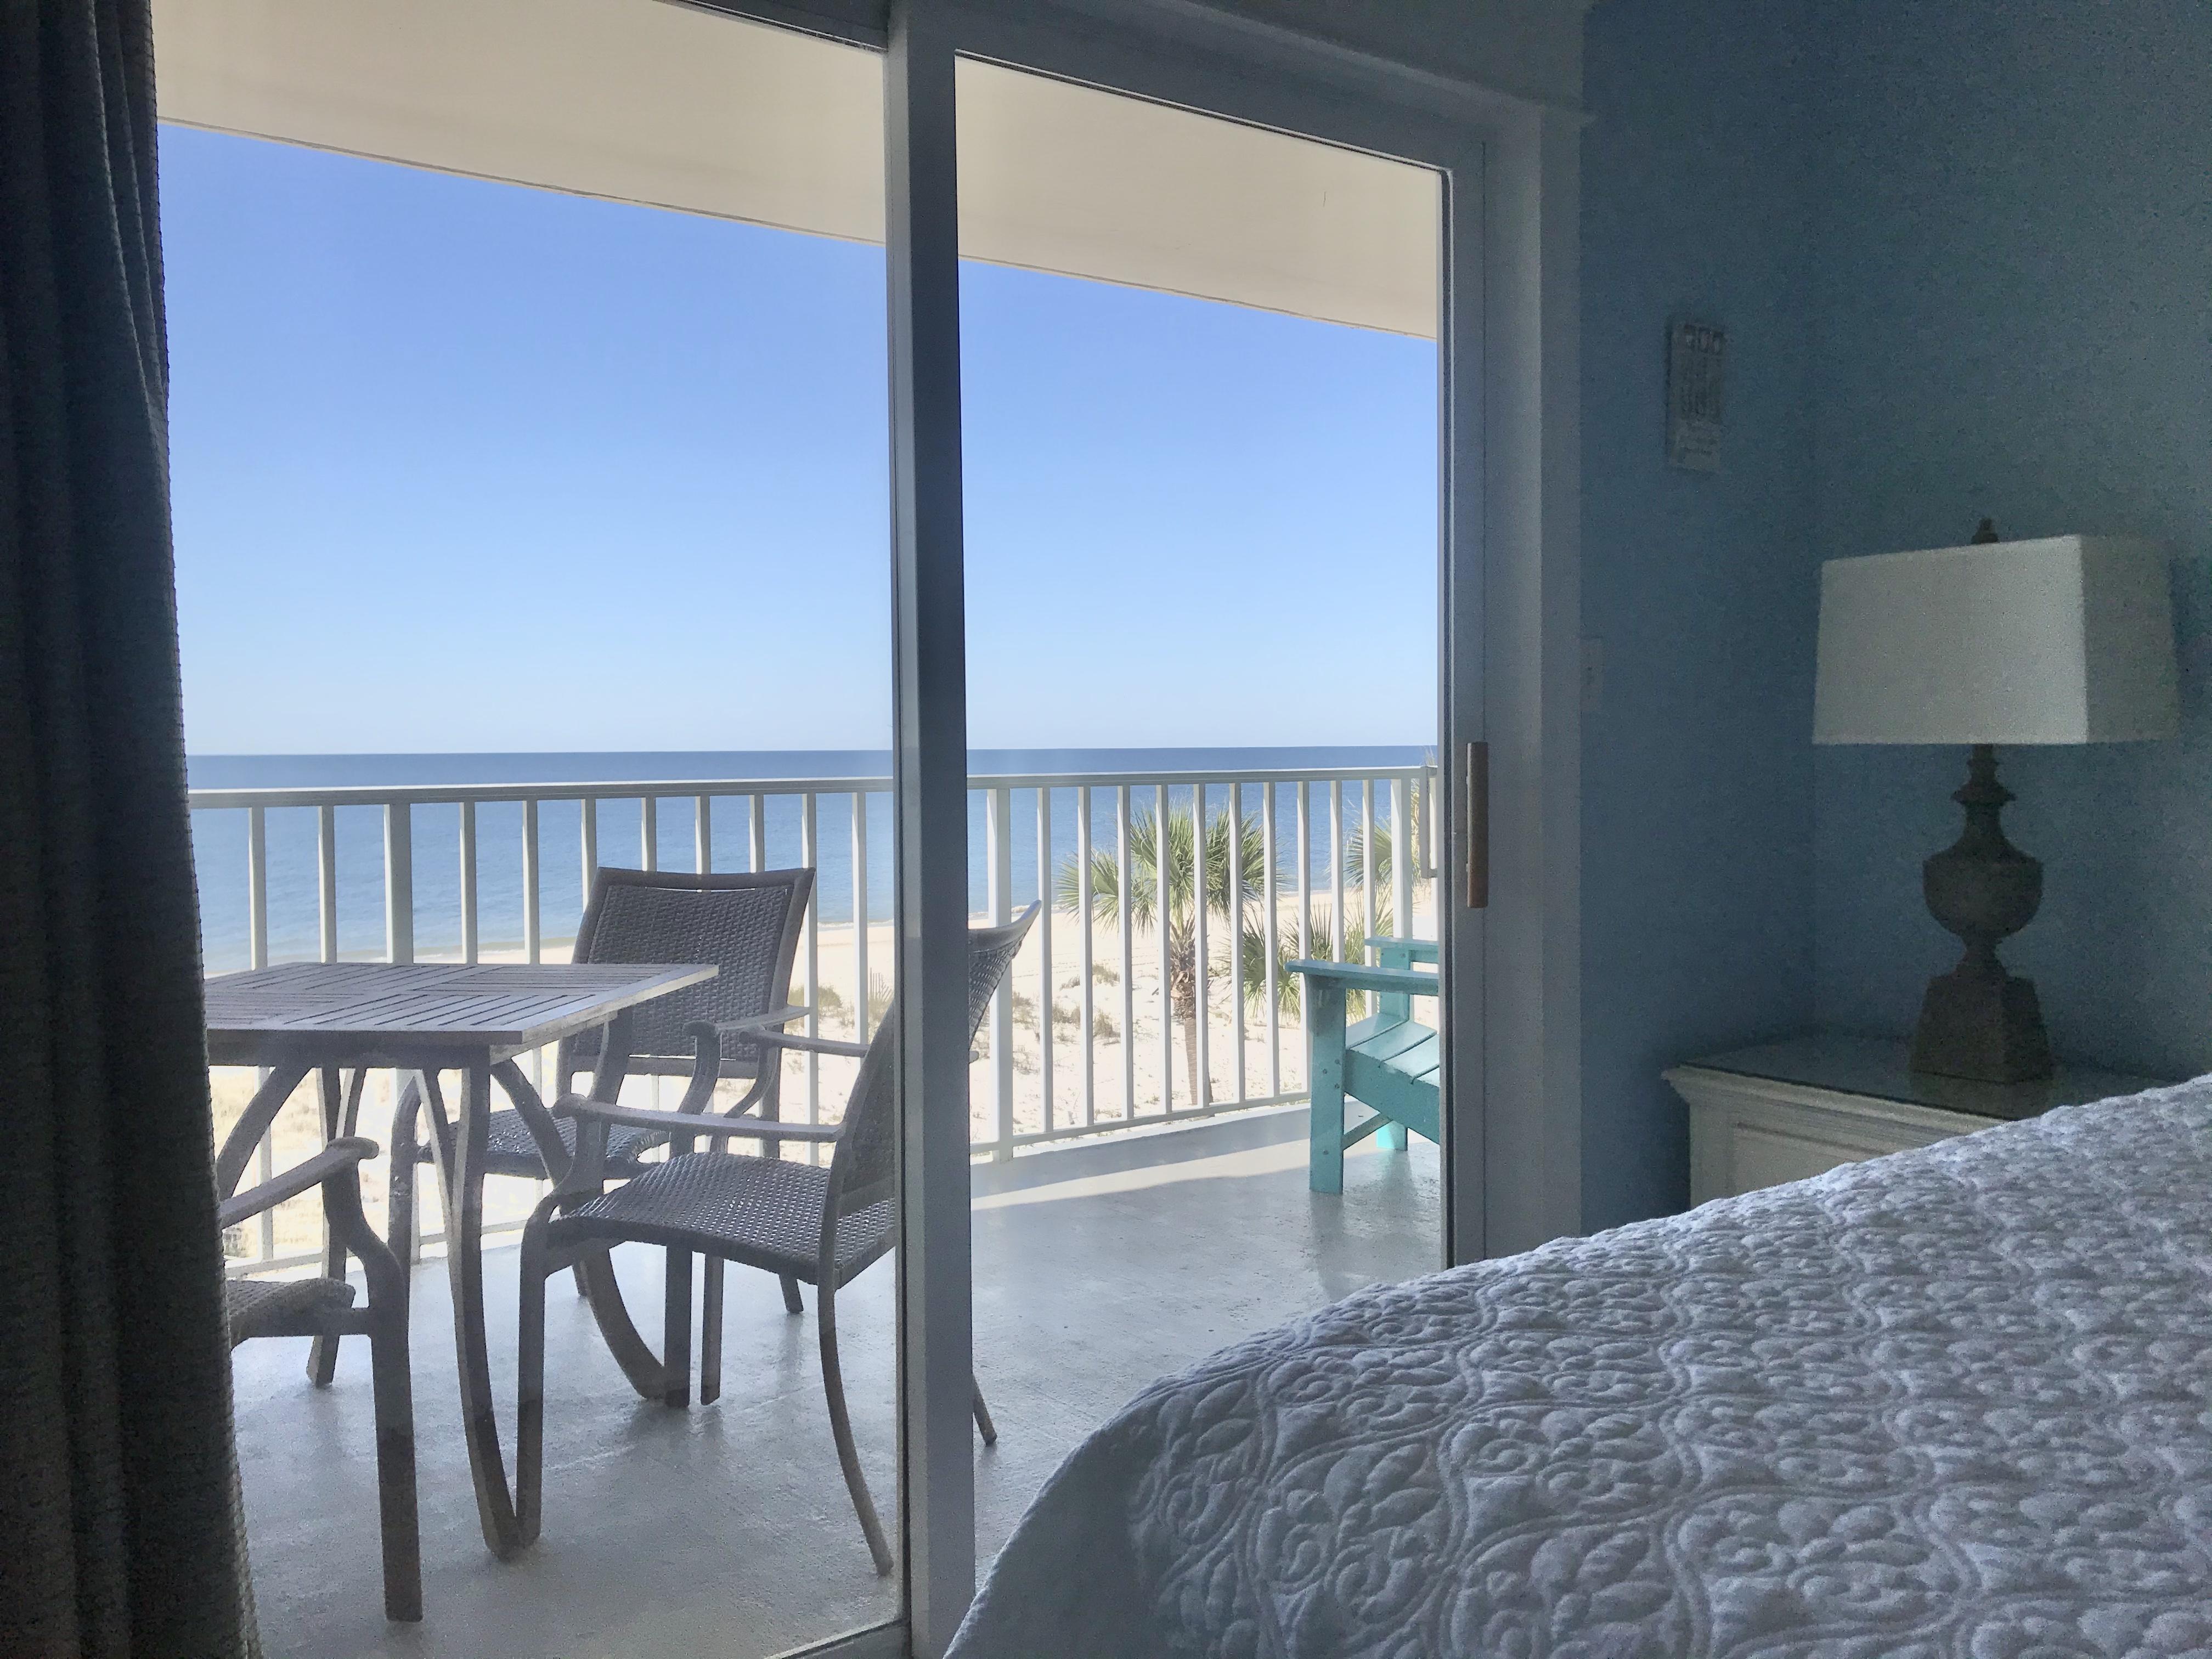 Ocean House 1303 Condo rental in Ocean House - Gulf Shores in Gulf Shores Alabama - #25